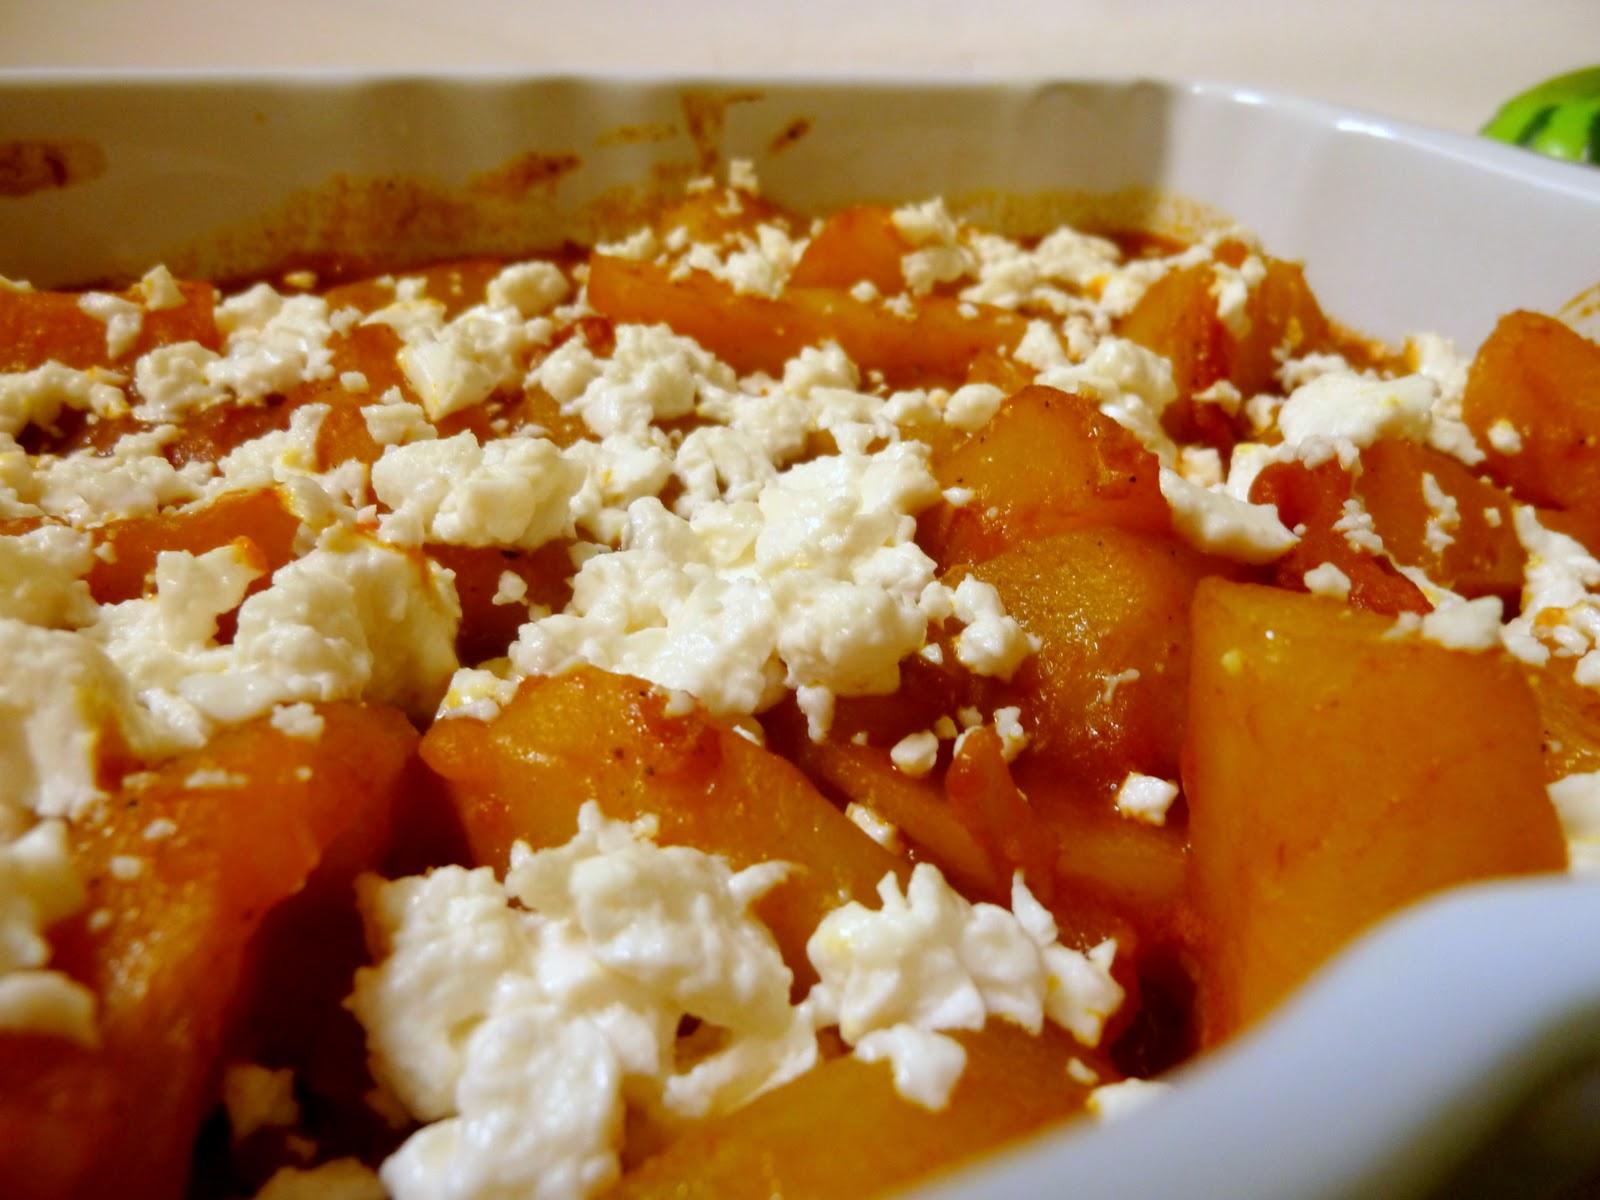 Mangiare greco cucina greca con tutte le ricette tipiche patate stufate con feta patates - A tavola con guy ricette ...